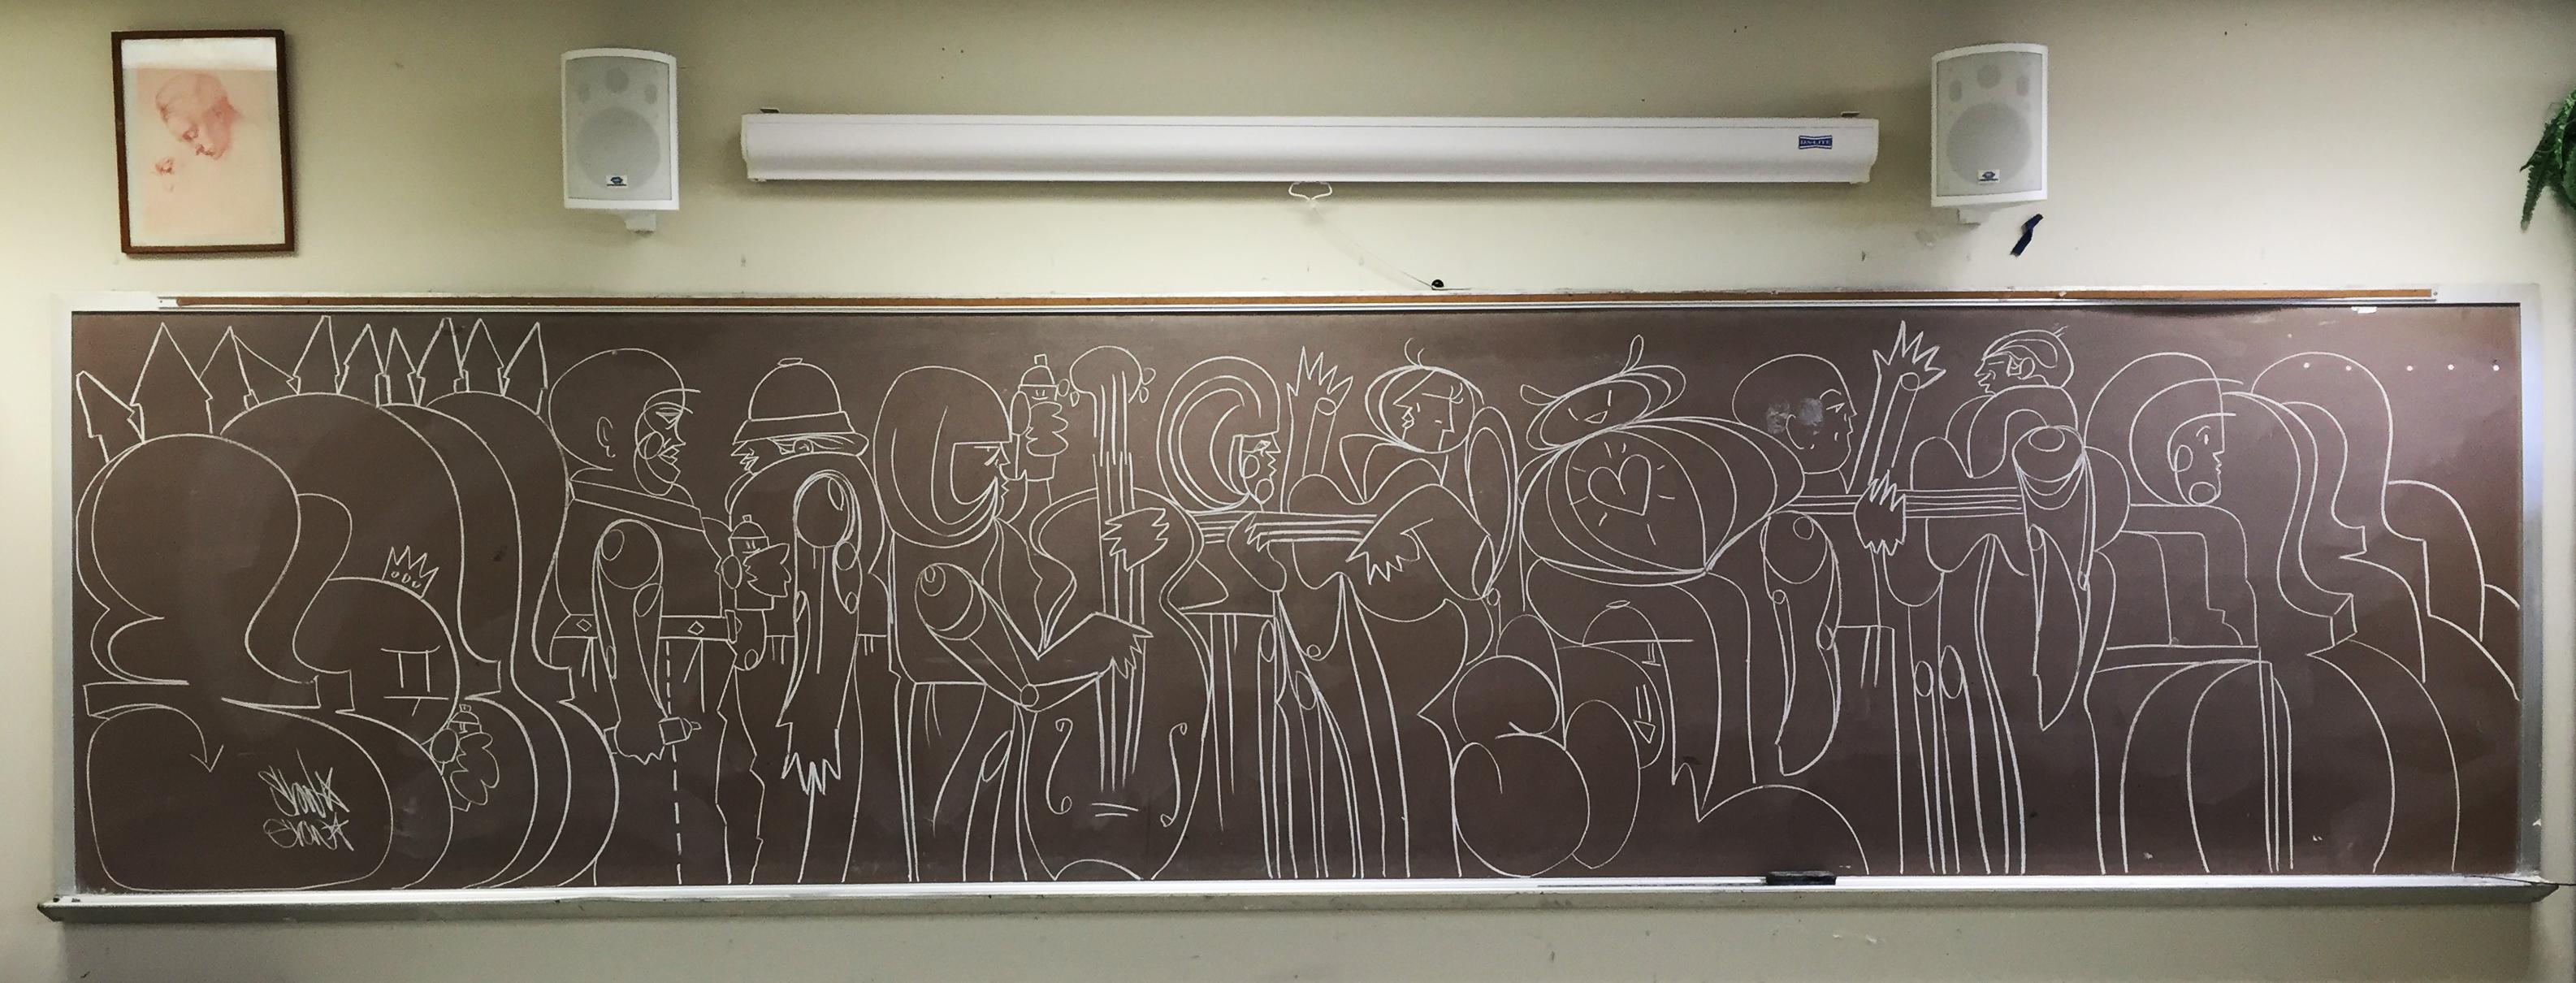 Chalk Board Wednesdays – February 10th 2016